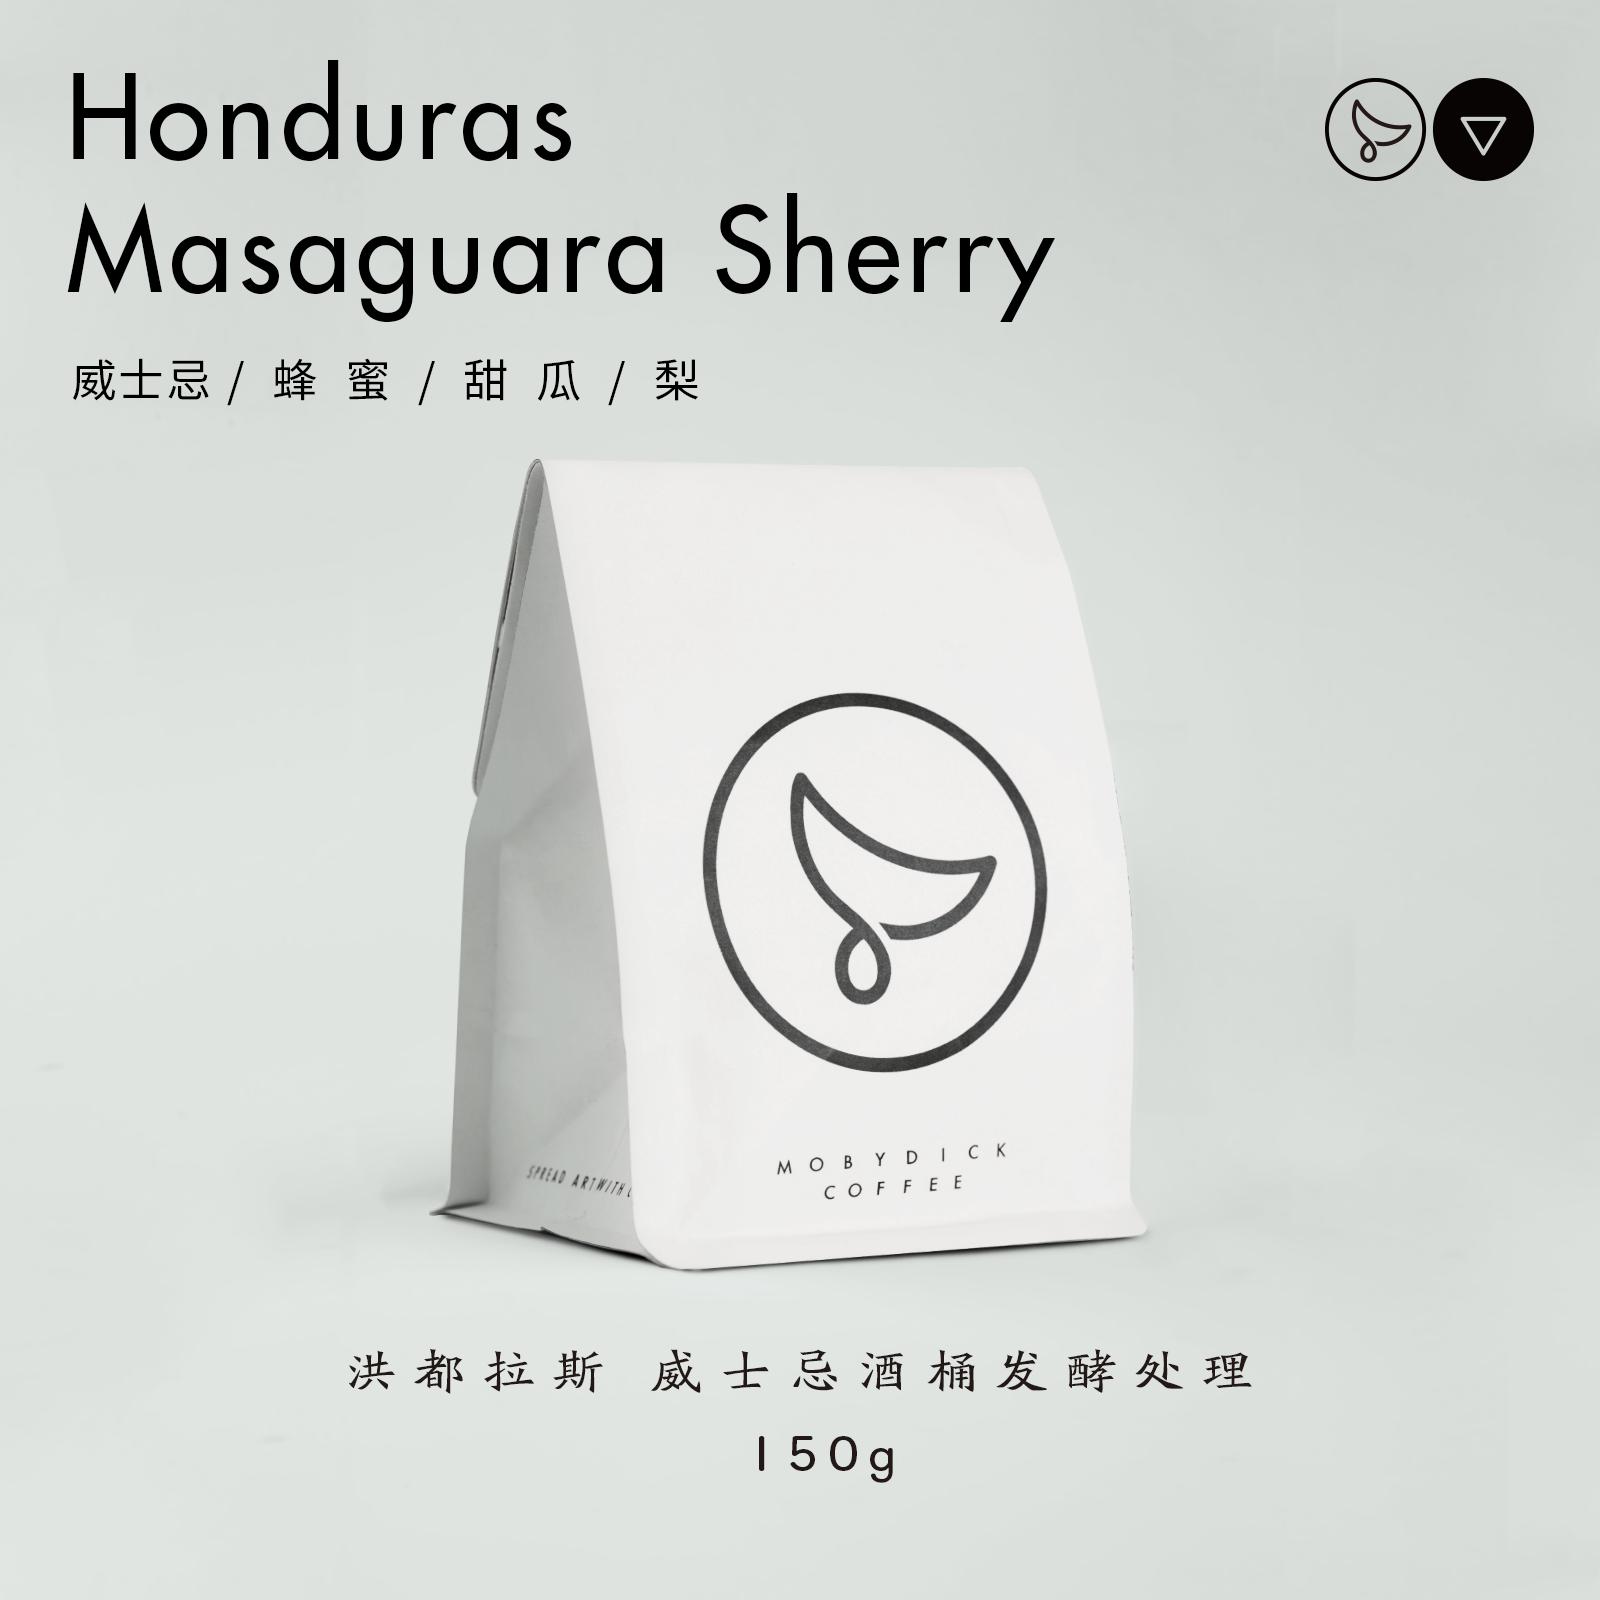 洪都拉斯雪莉威士忌酒桶白鲸咖啡